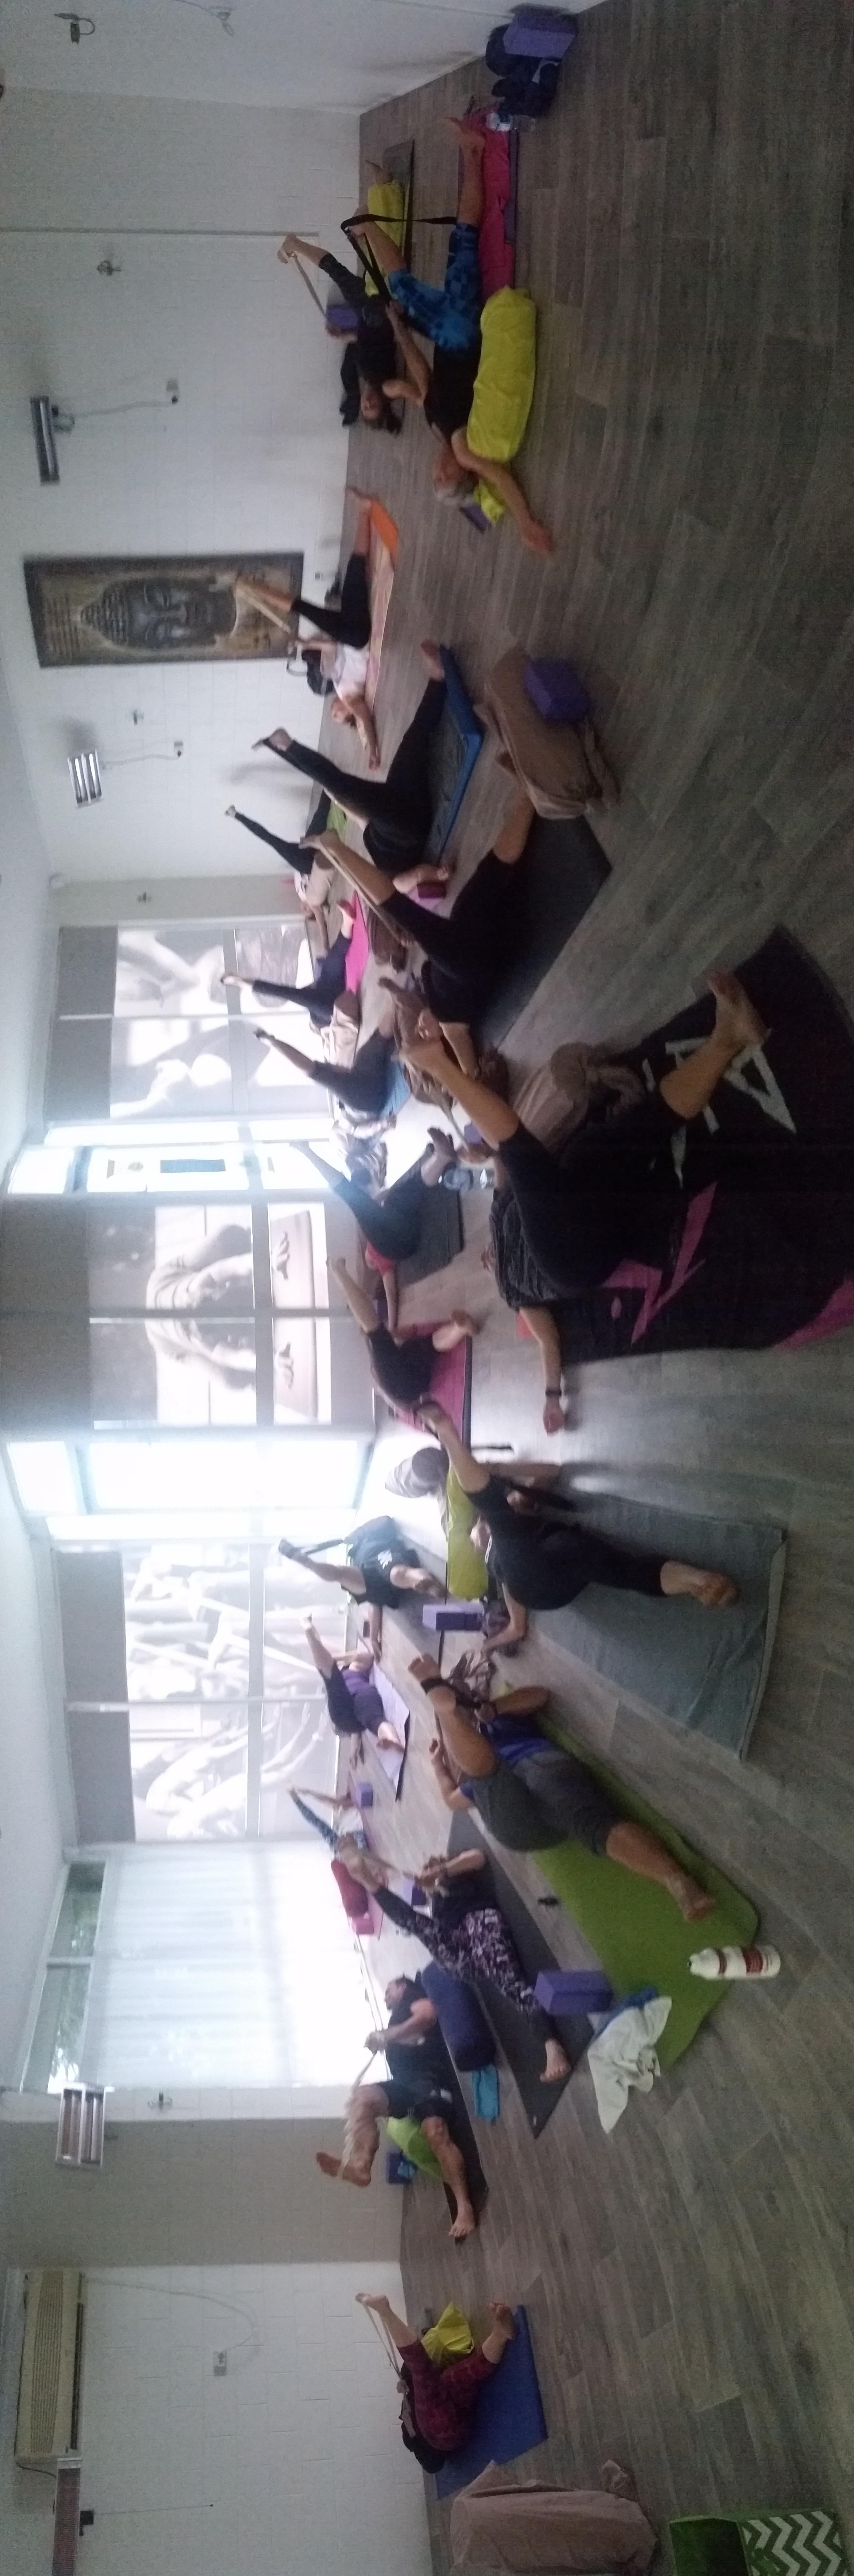 yogi space